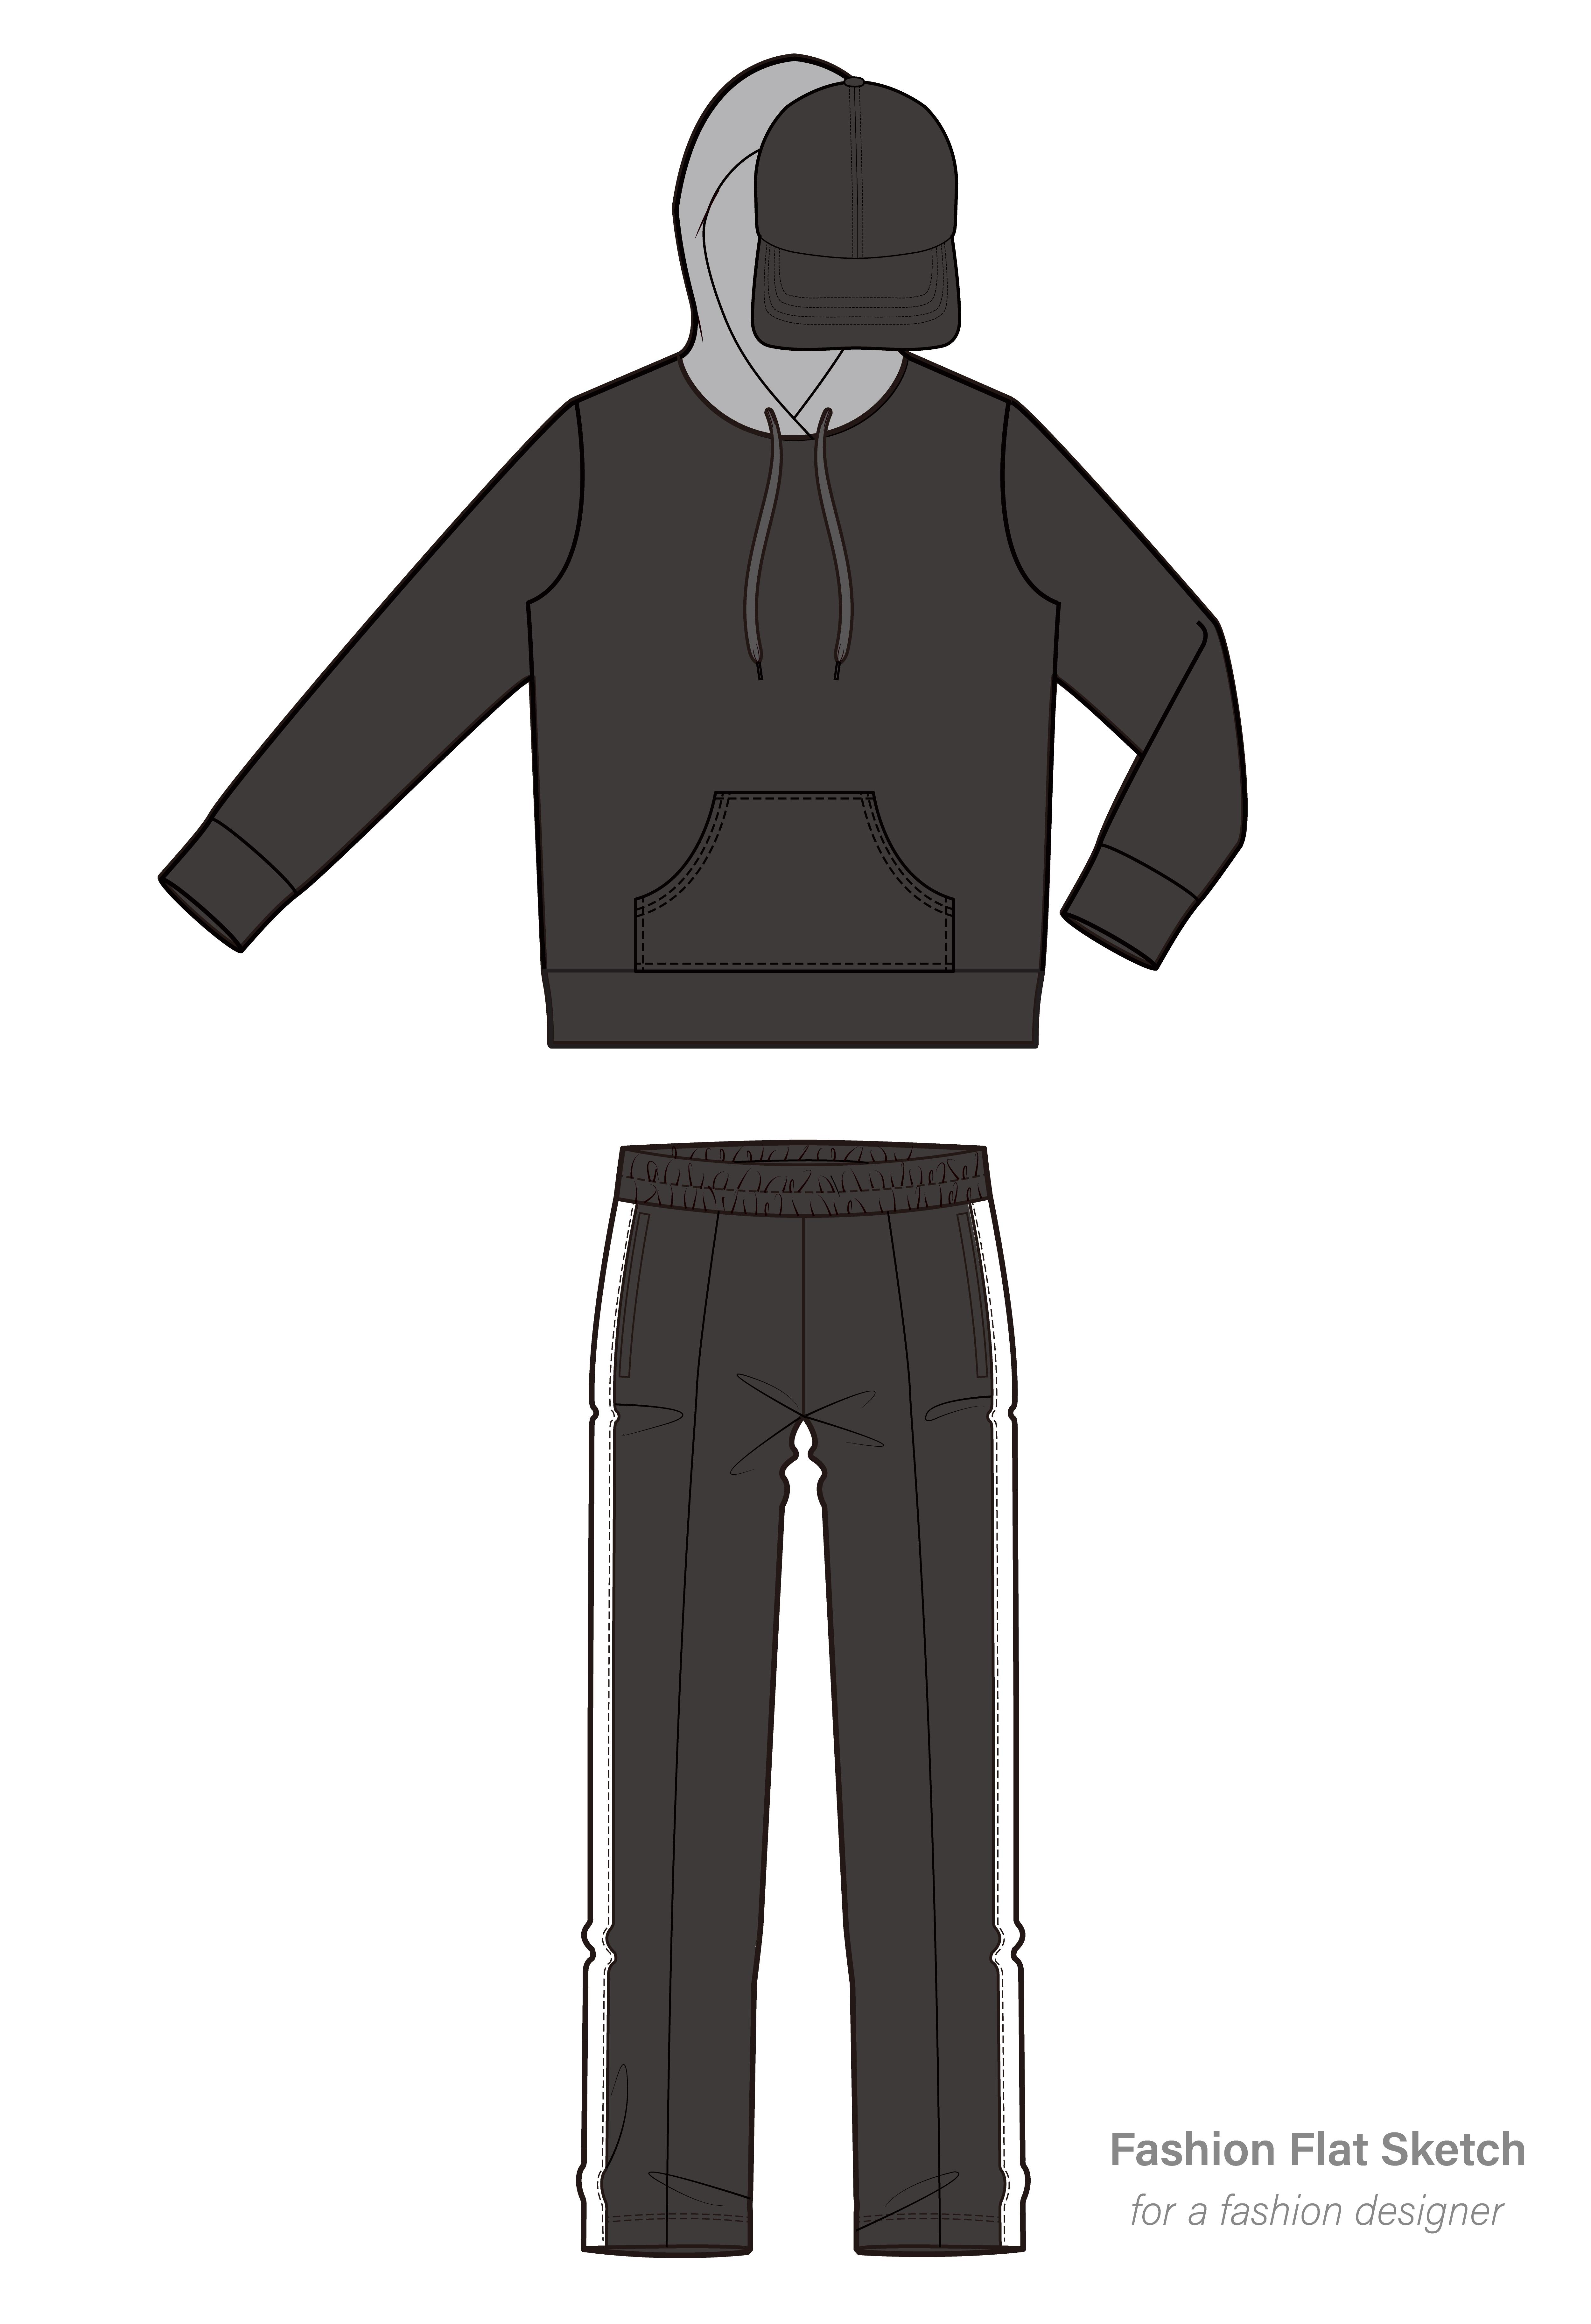 ce8cef581c Hoodie Flat Drawing | Free download best Hoodie Flat Drawing on ...